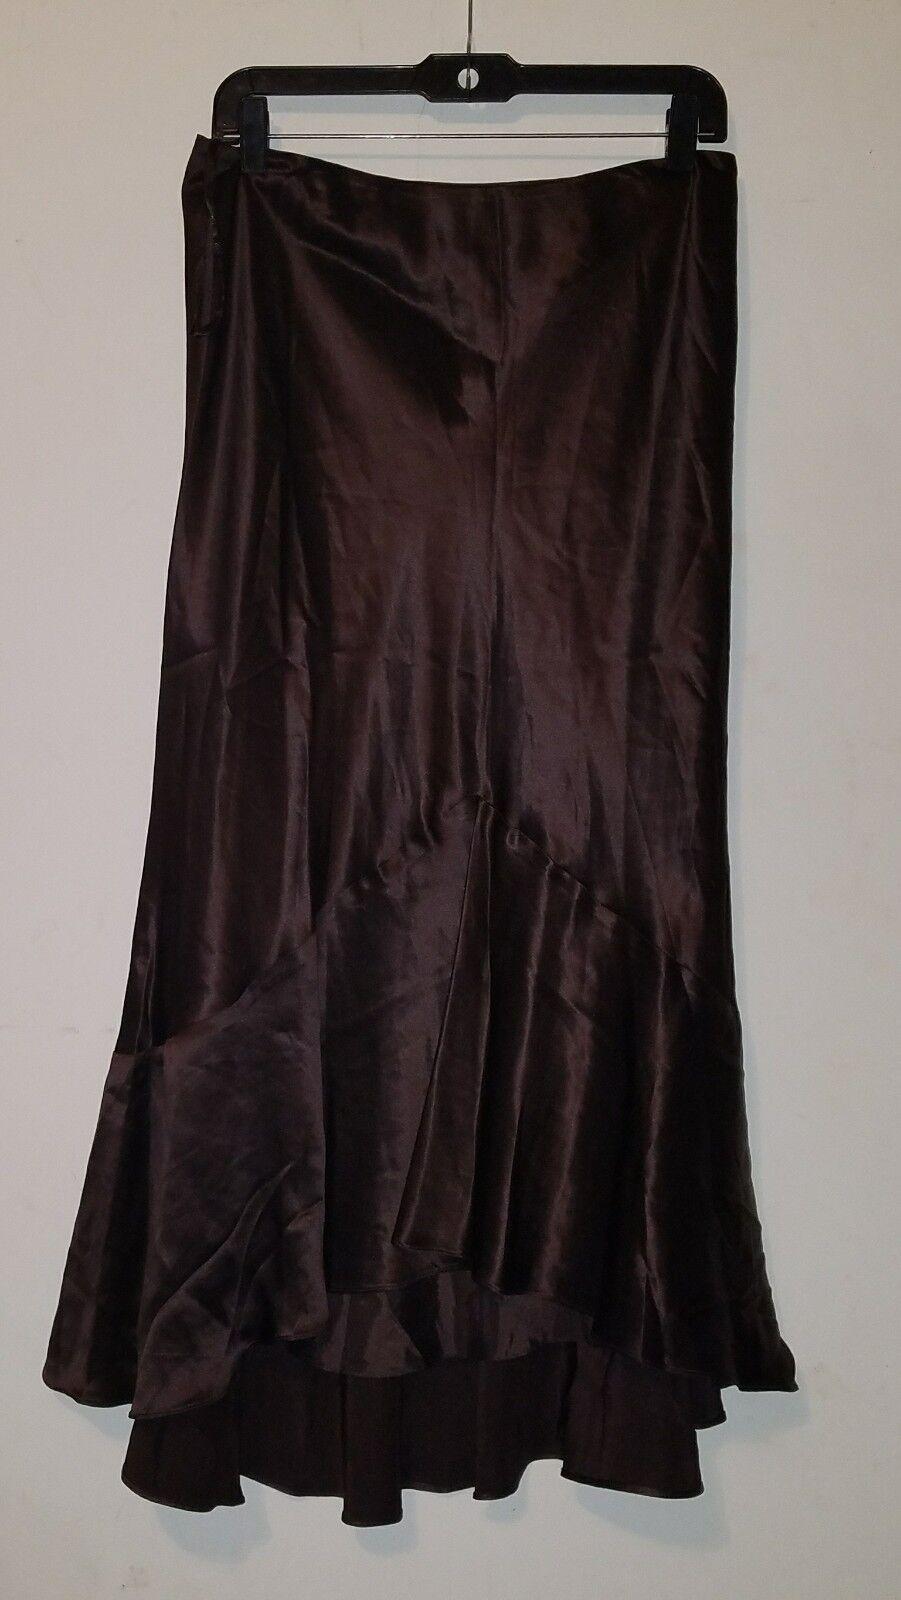 NWT LAUREN Ralph Lauren Silk Anglesey High Low Skirt Chocolate  sz 8